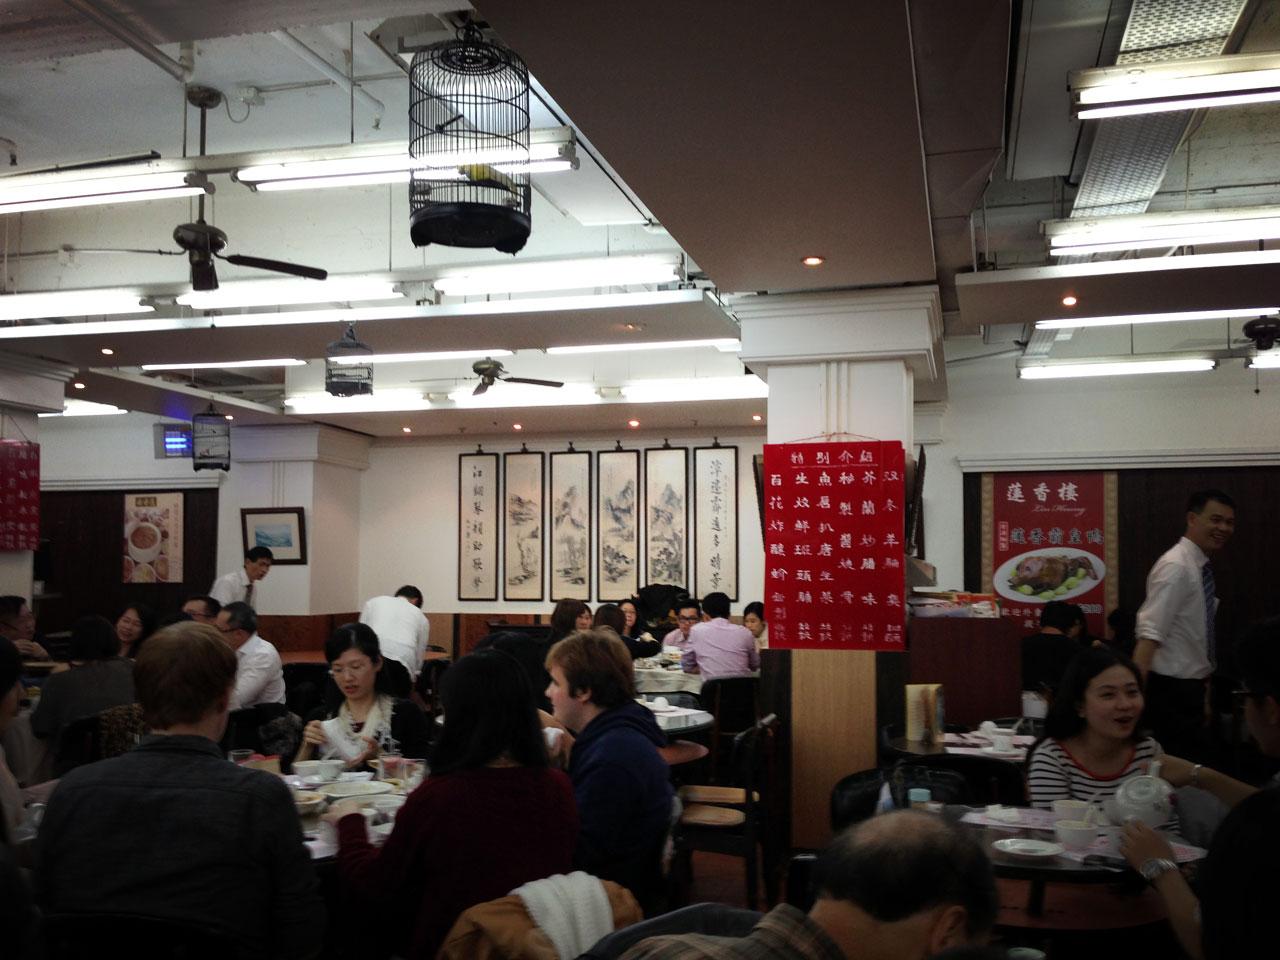 restaurant-lin-heung-hong-kong-2